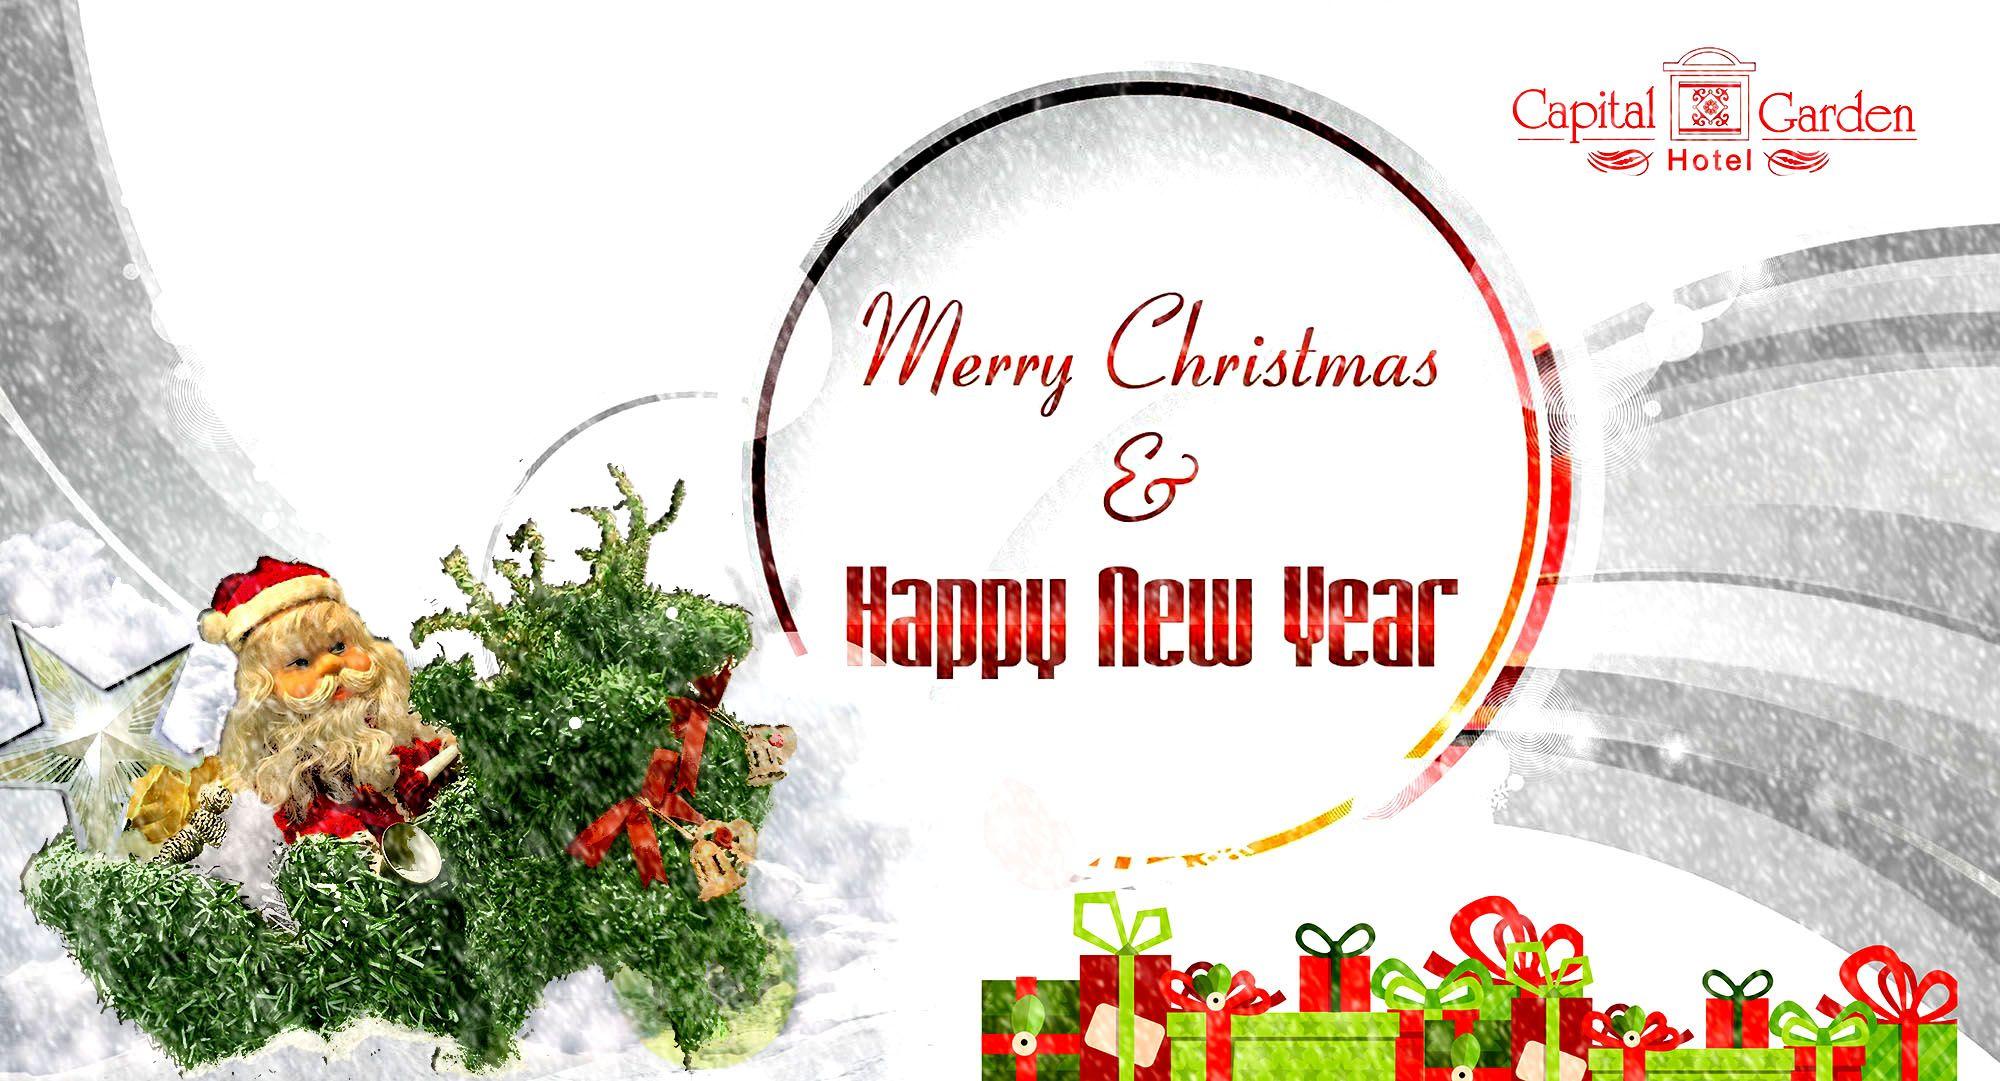 XMAS & HAPPY NEW YEAR 2018